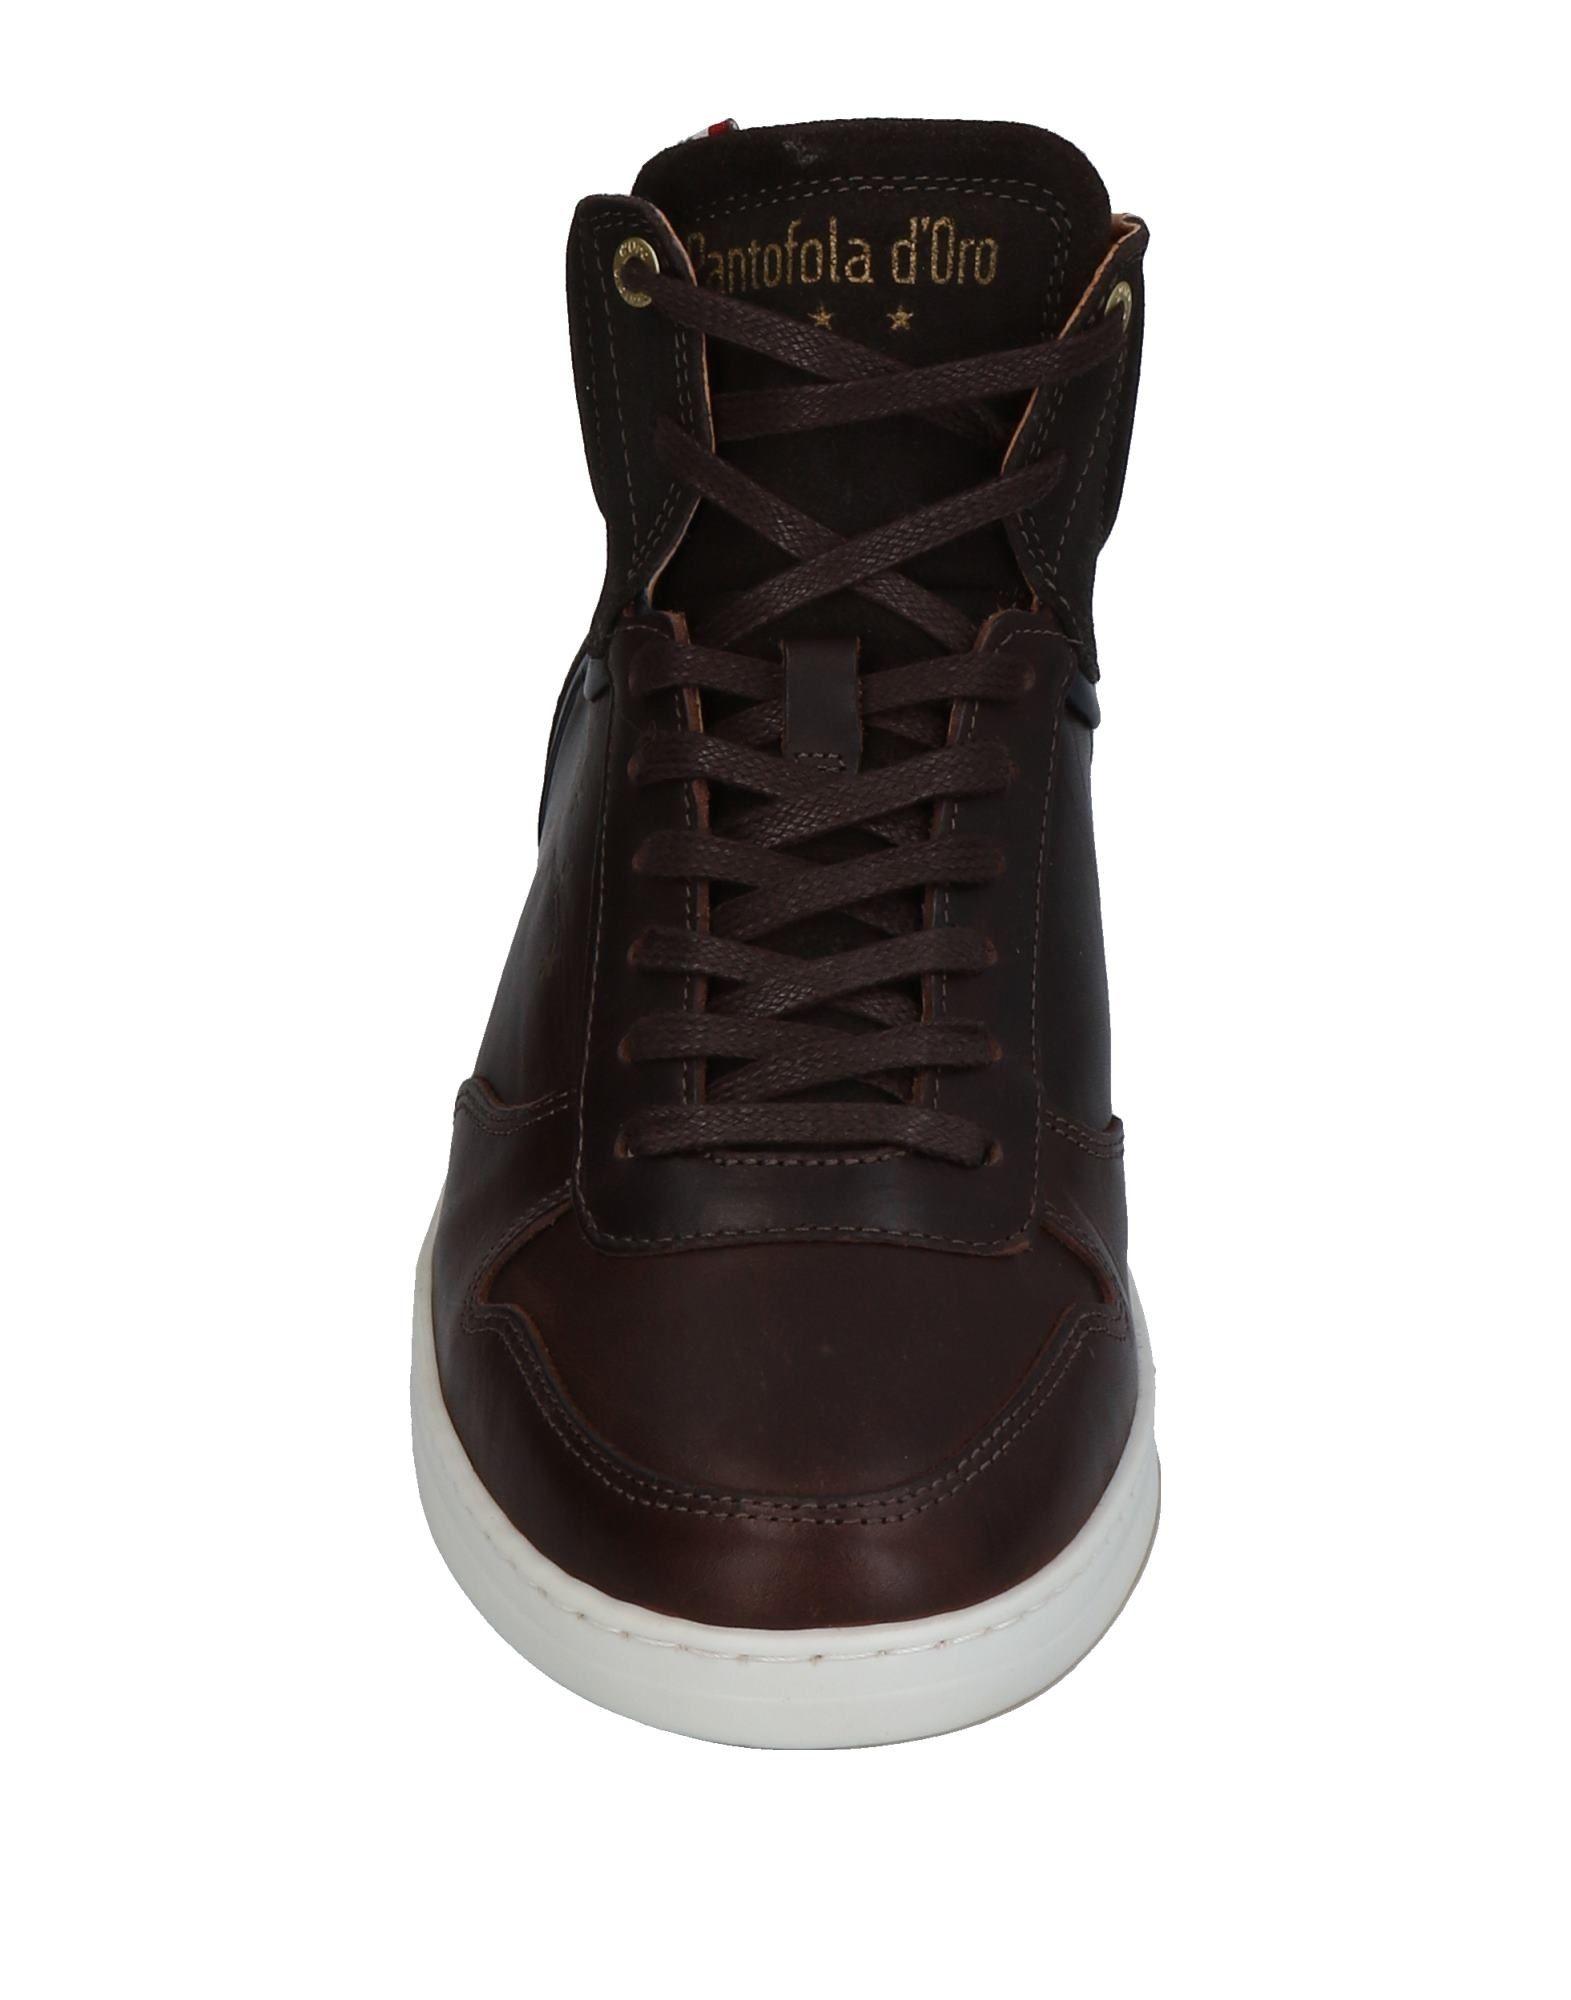 Rabatt echte Schuhe Pantofola D'oro Sneakers Herren  11455664SQ